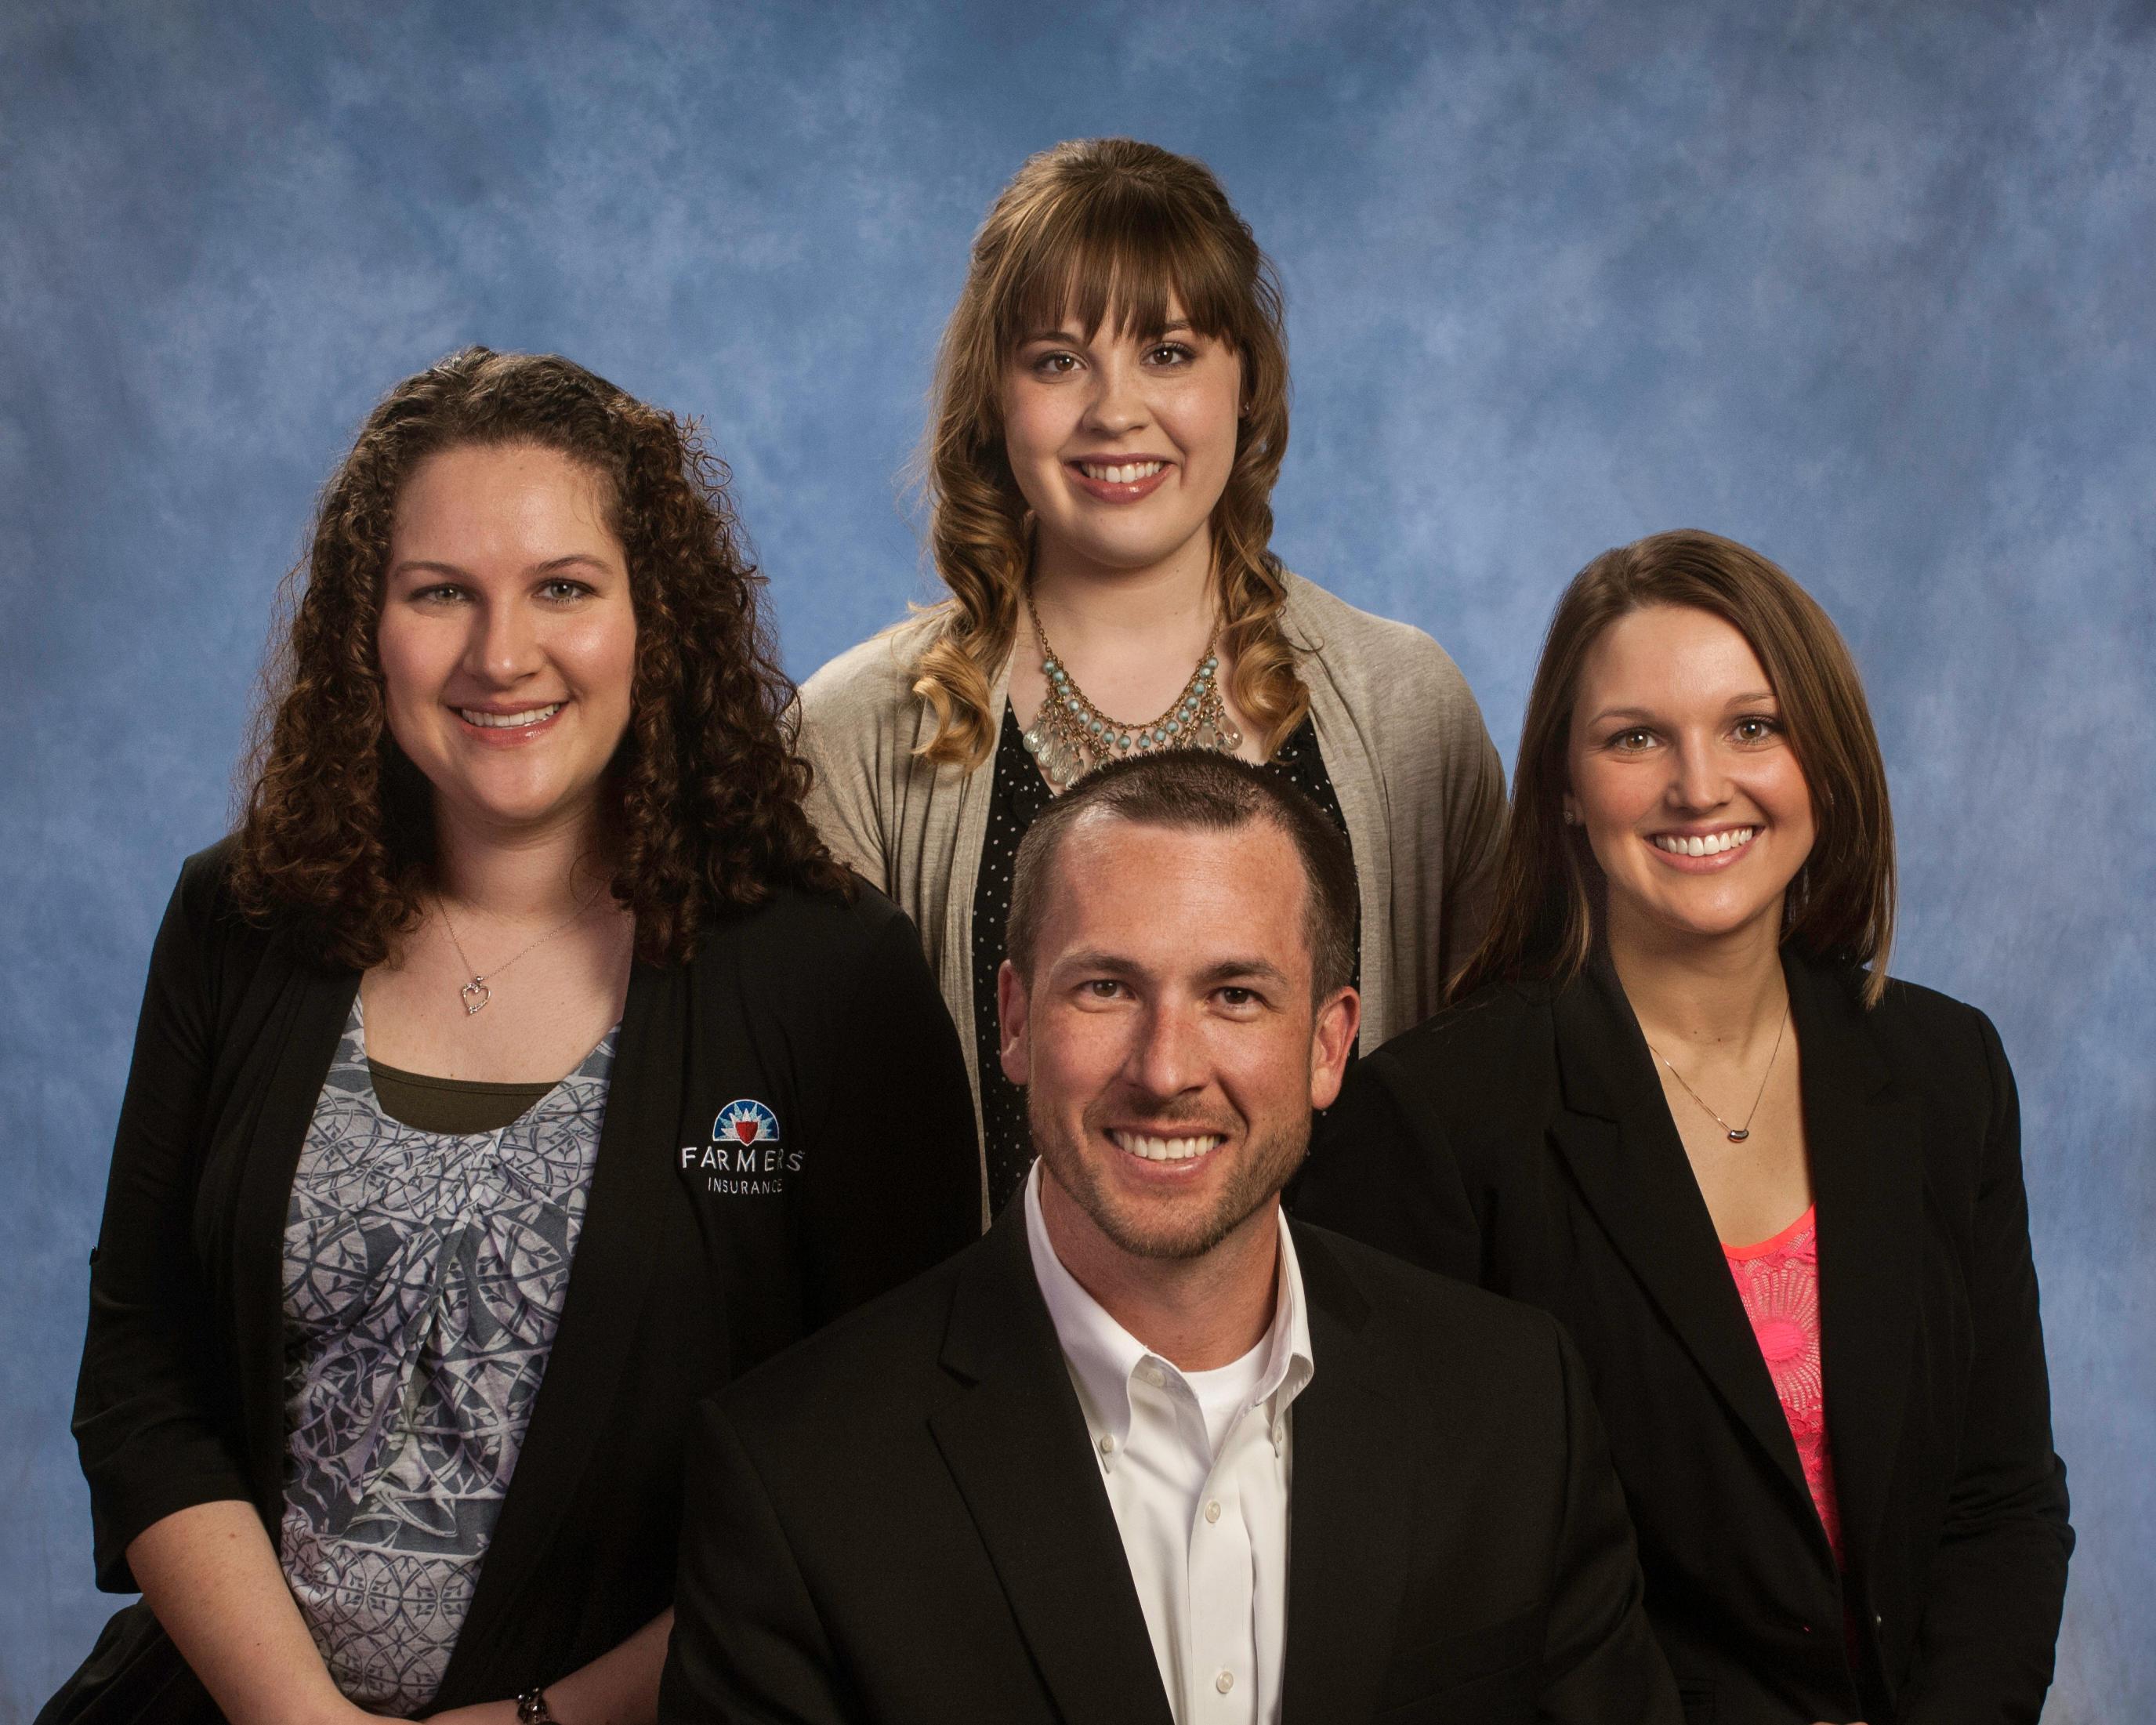 Farmers Insurance - Kelsey Holder image 3